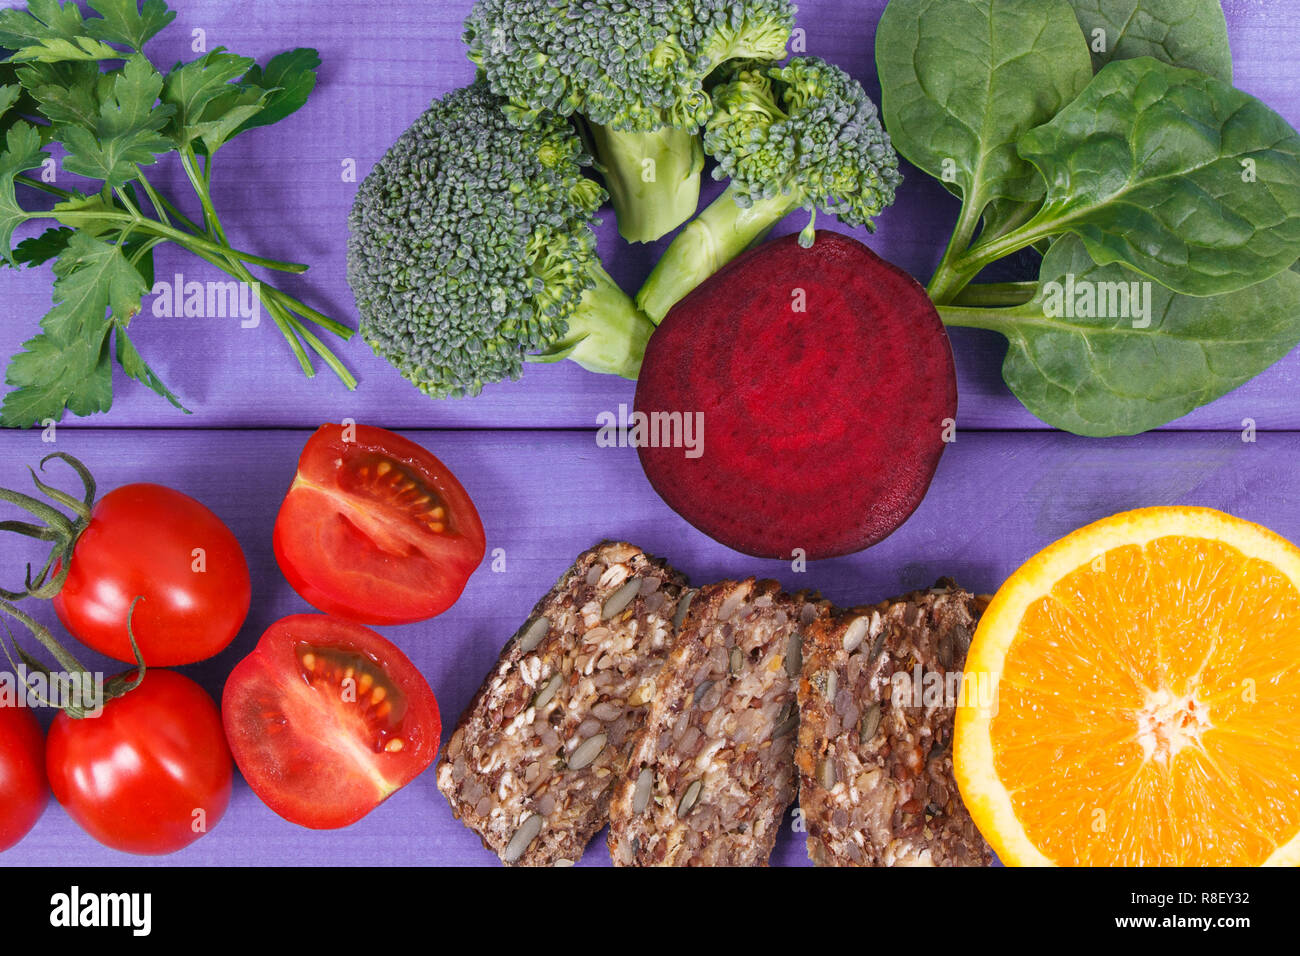 Produits nutritifs contenant de la vitamine B9, les sources naturelles de minéraux et d'acide folique, du concept de la nutrition saine Photo Stock